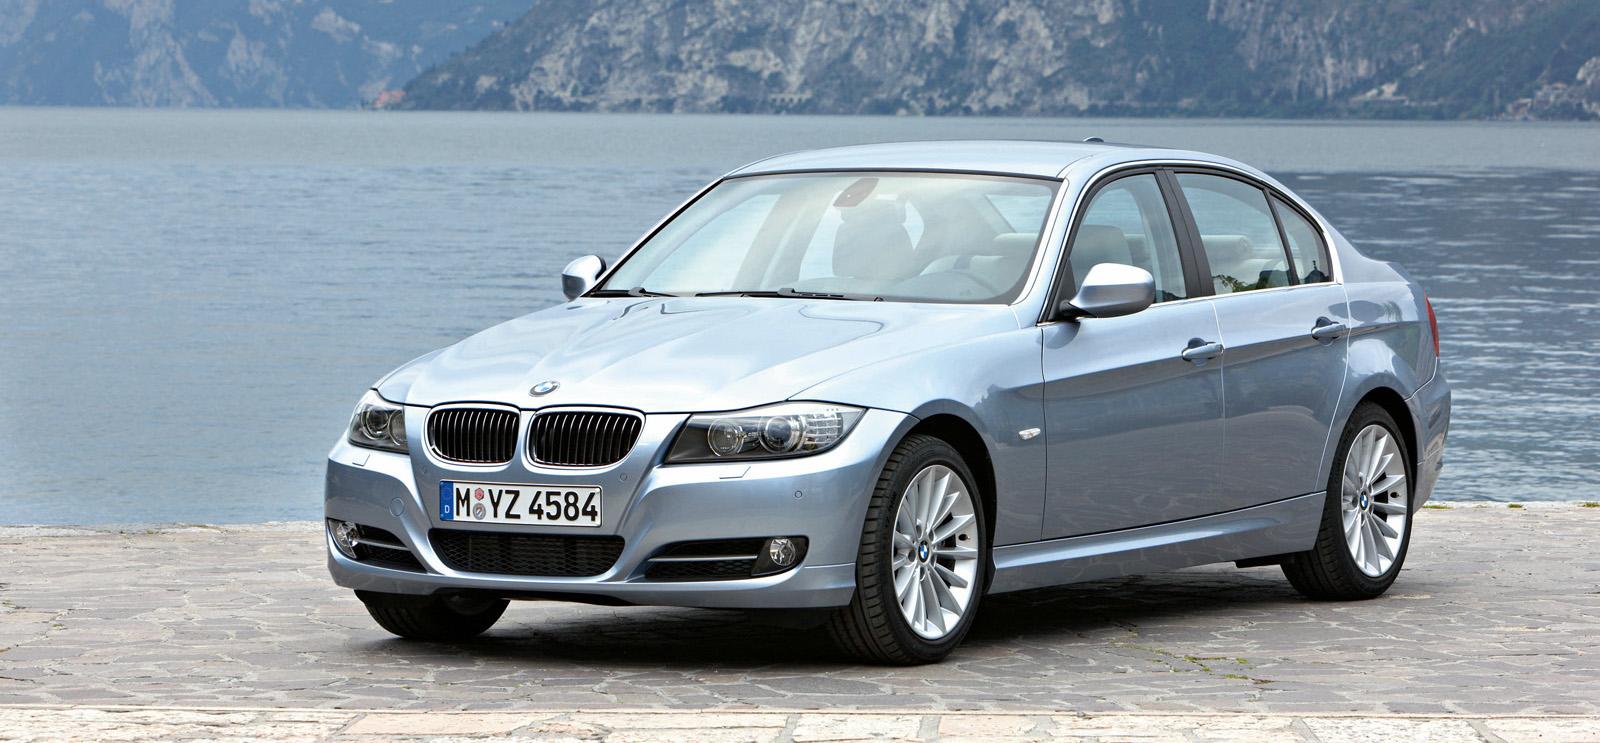 Blue 2009 Used BMW 3-Series next to mountain lake